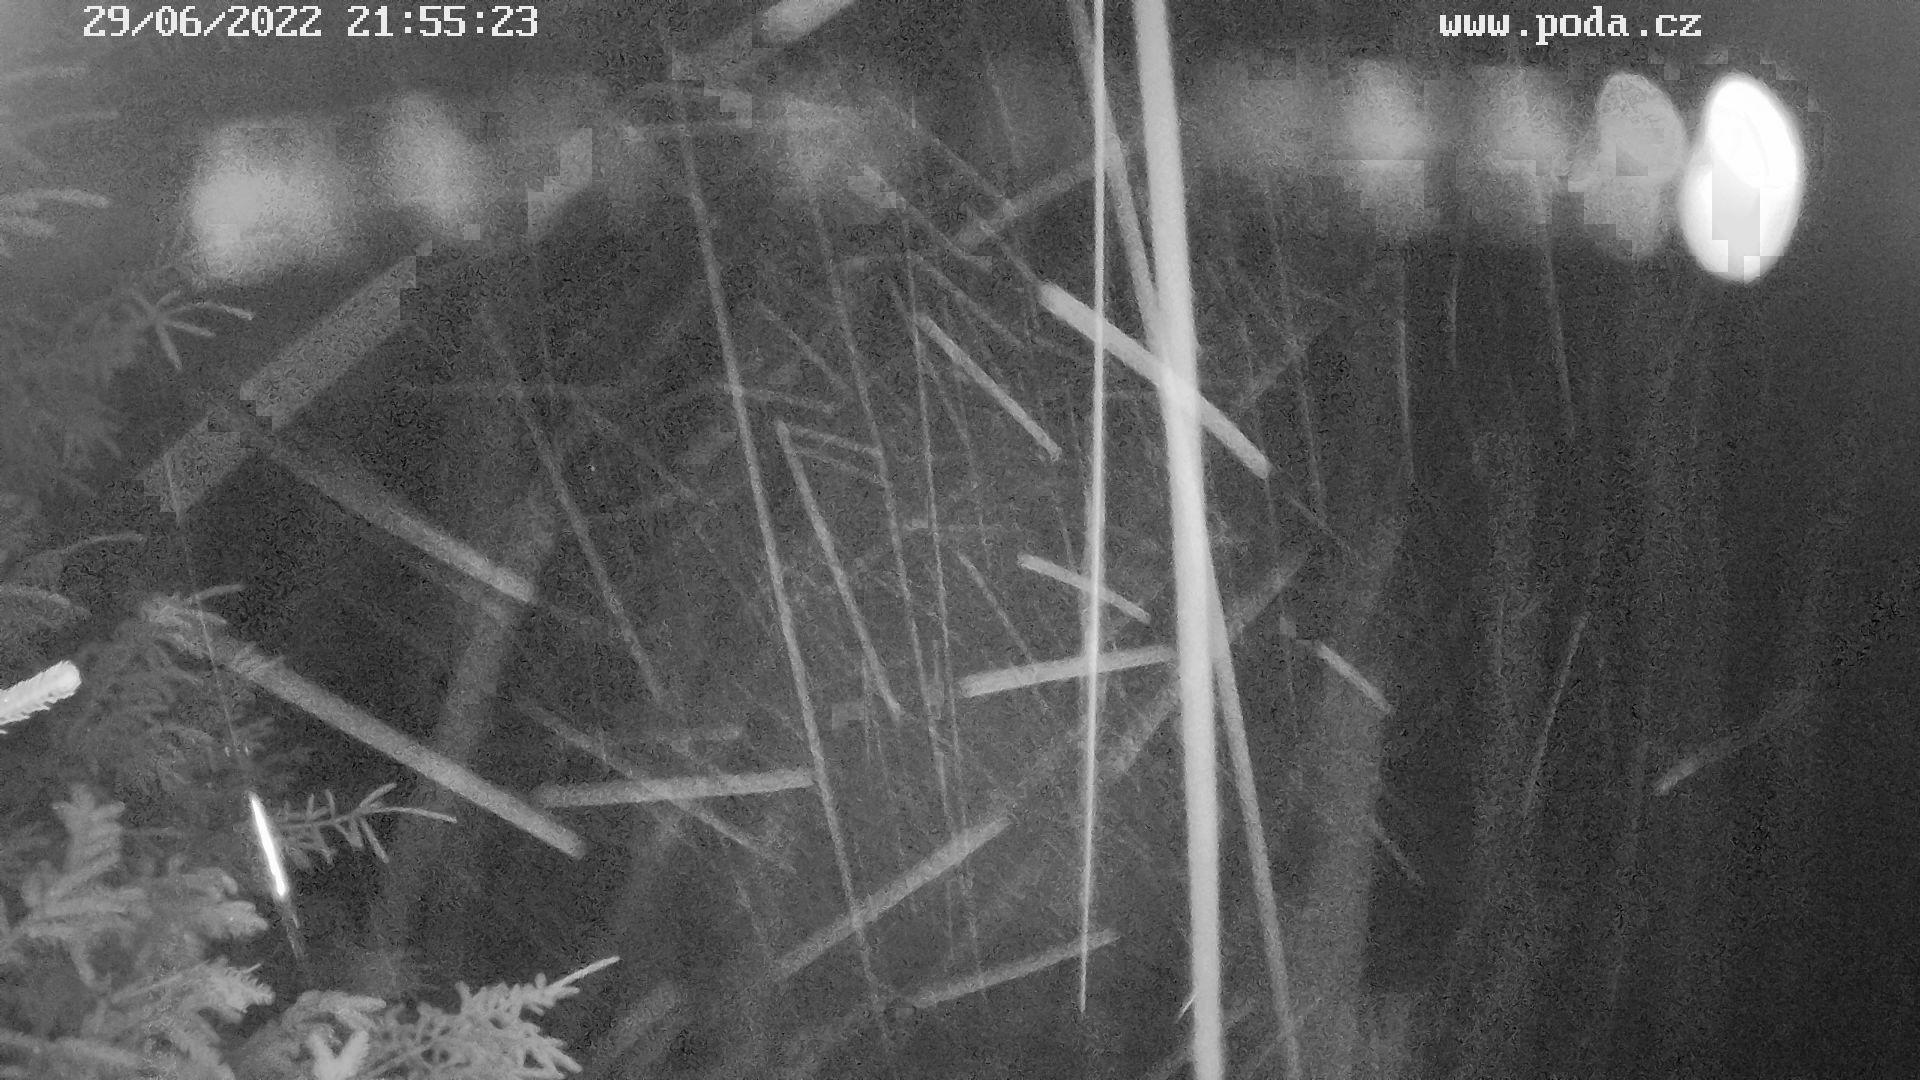 Webkamera Hluboká u Trhové Kamenice